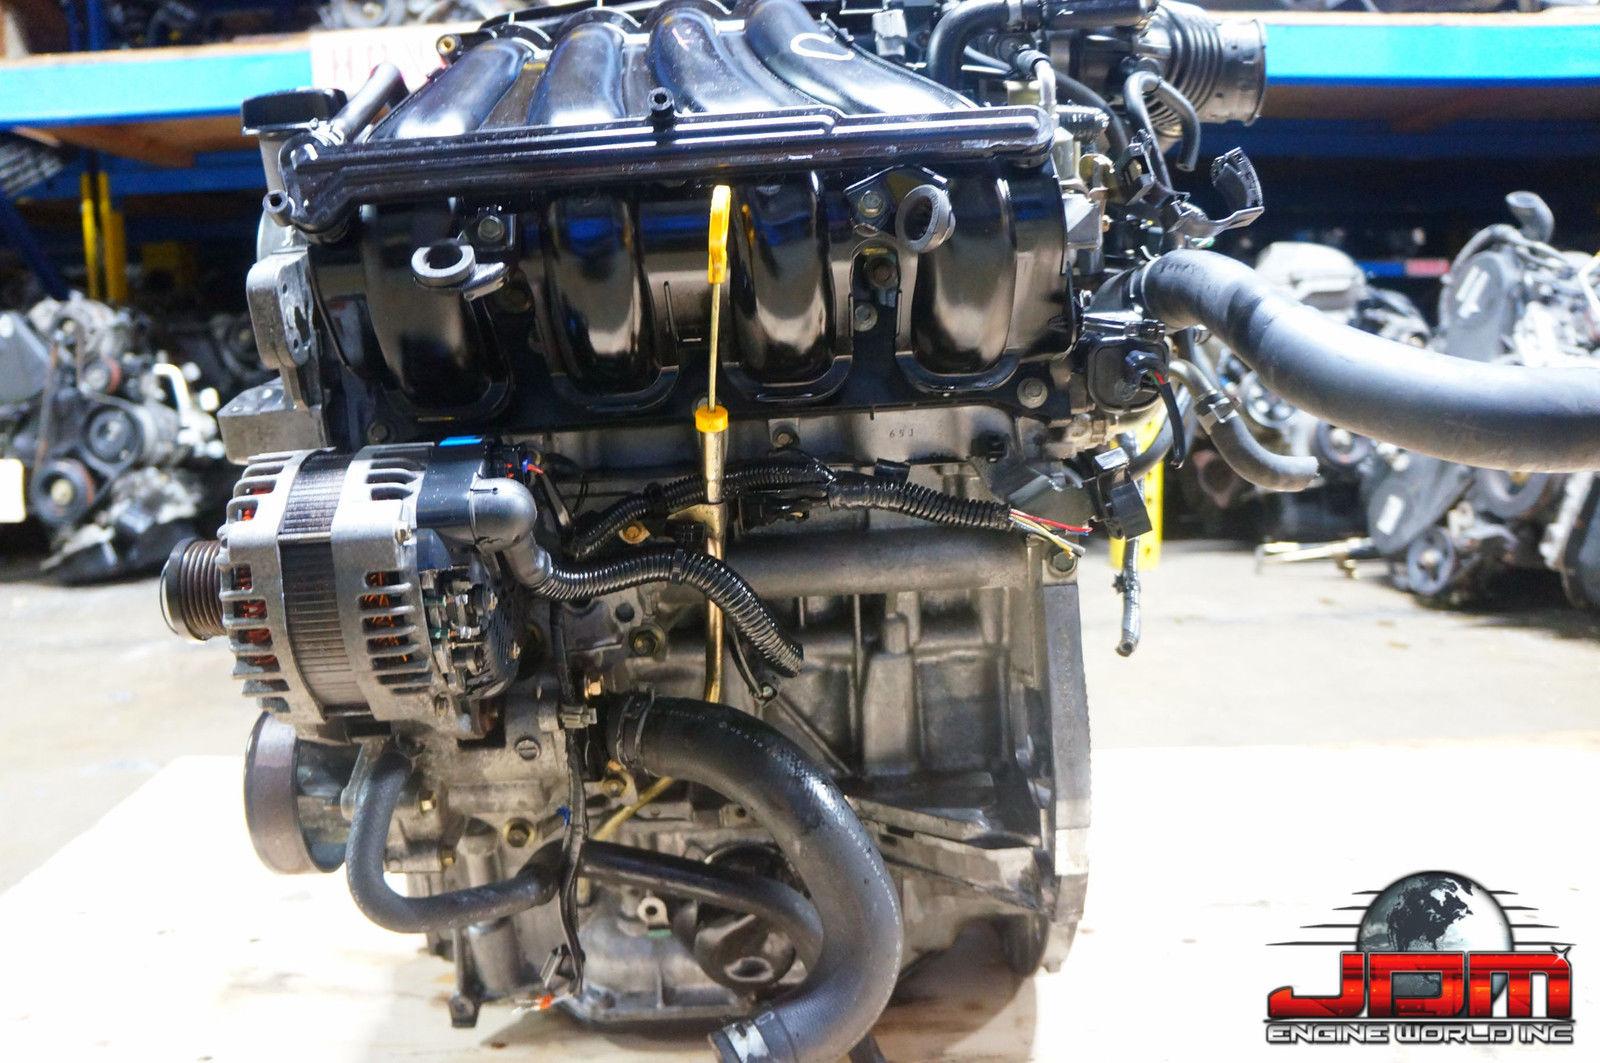 07 08 09 10 11 12 SENTRA NISSAN MR20 ENGINE 2.0L B16 JDM MR20